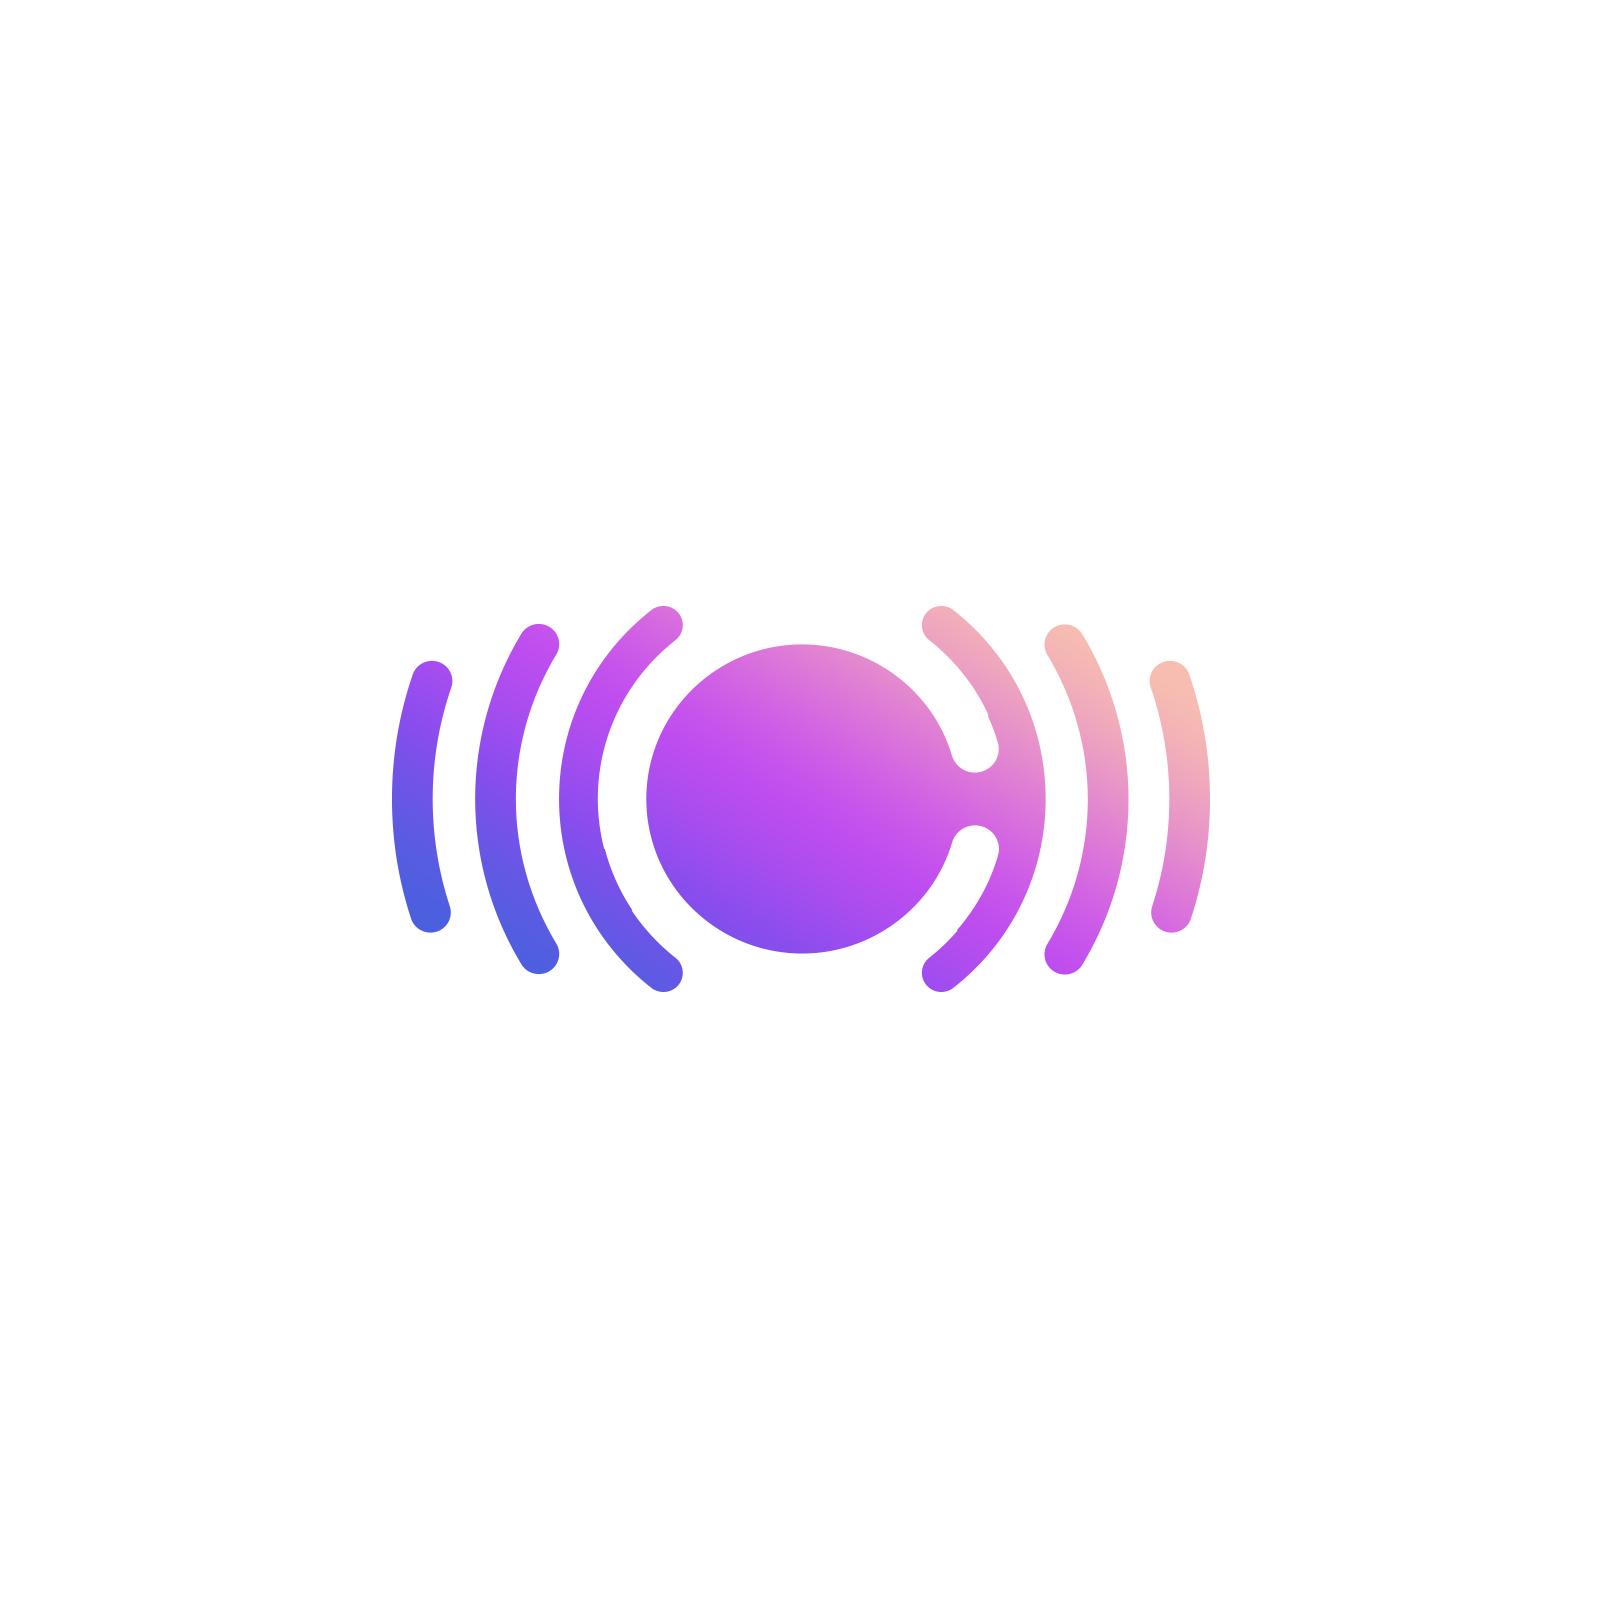 Coro   Music collaboration application